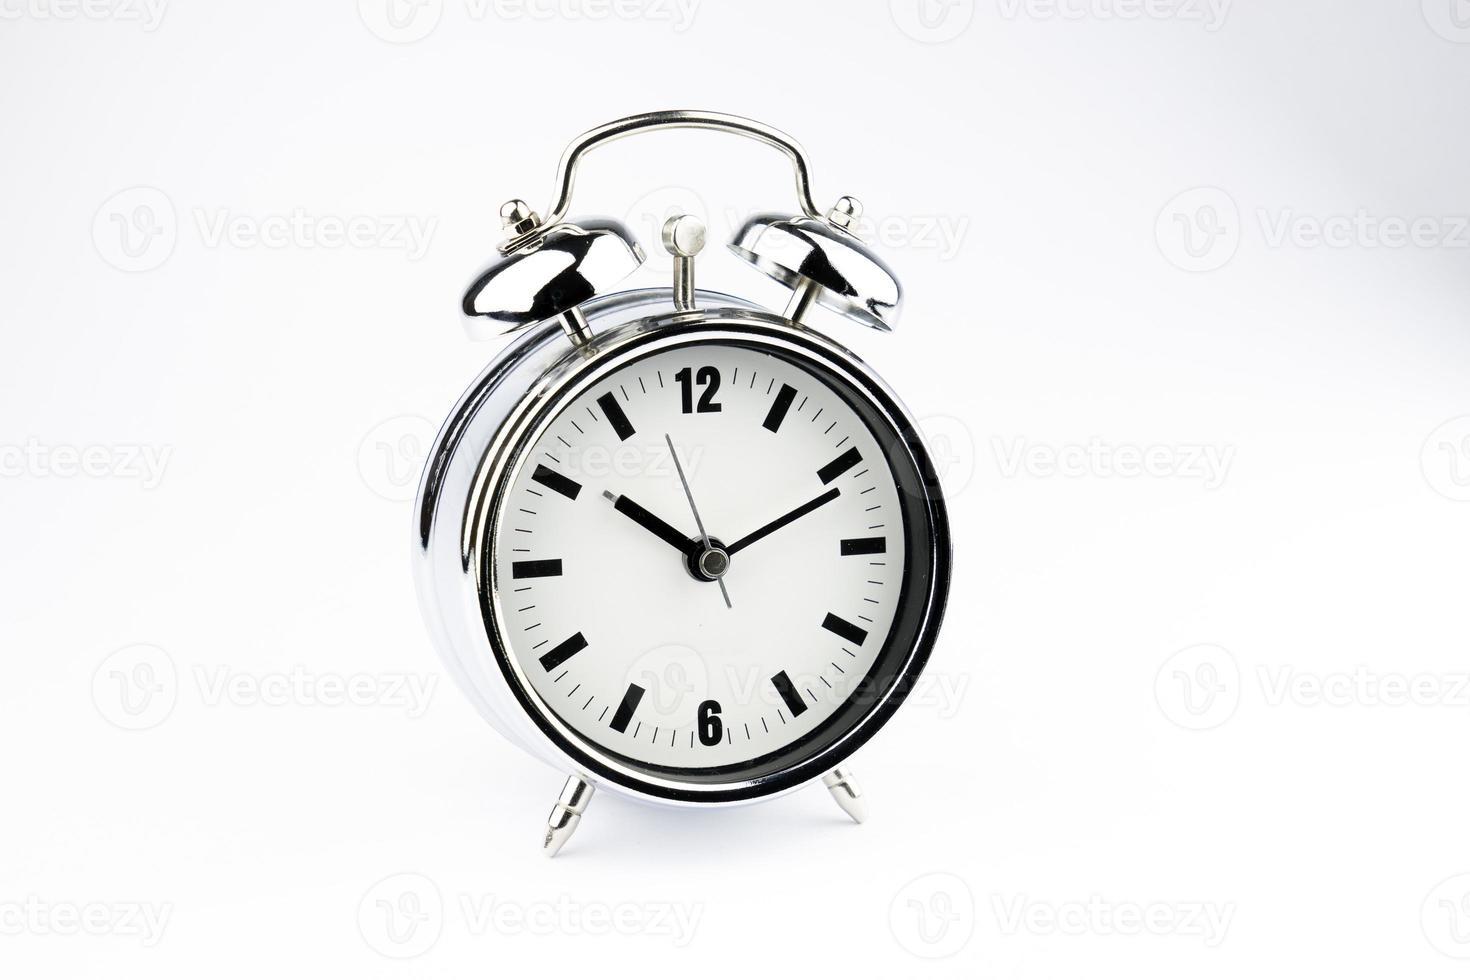 despertador de metal, hora de acordar, sobre fundo branco foto